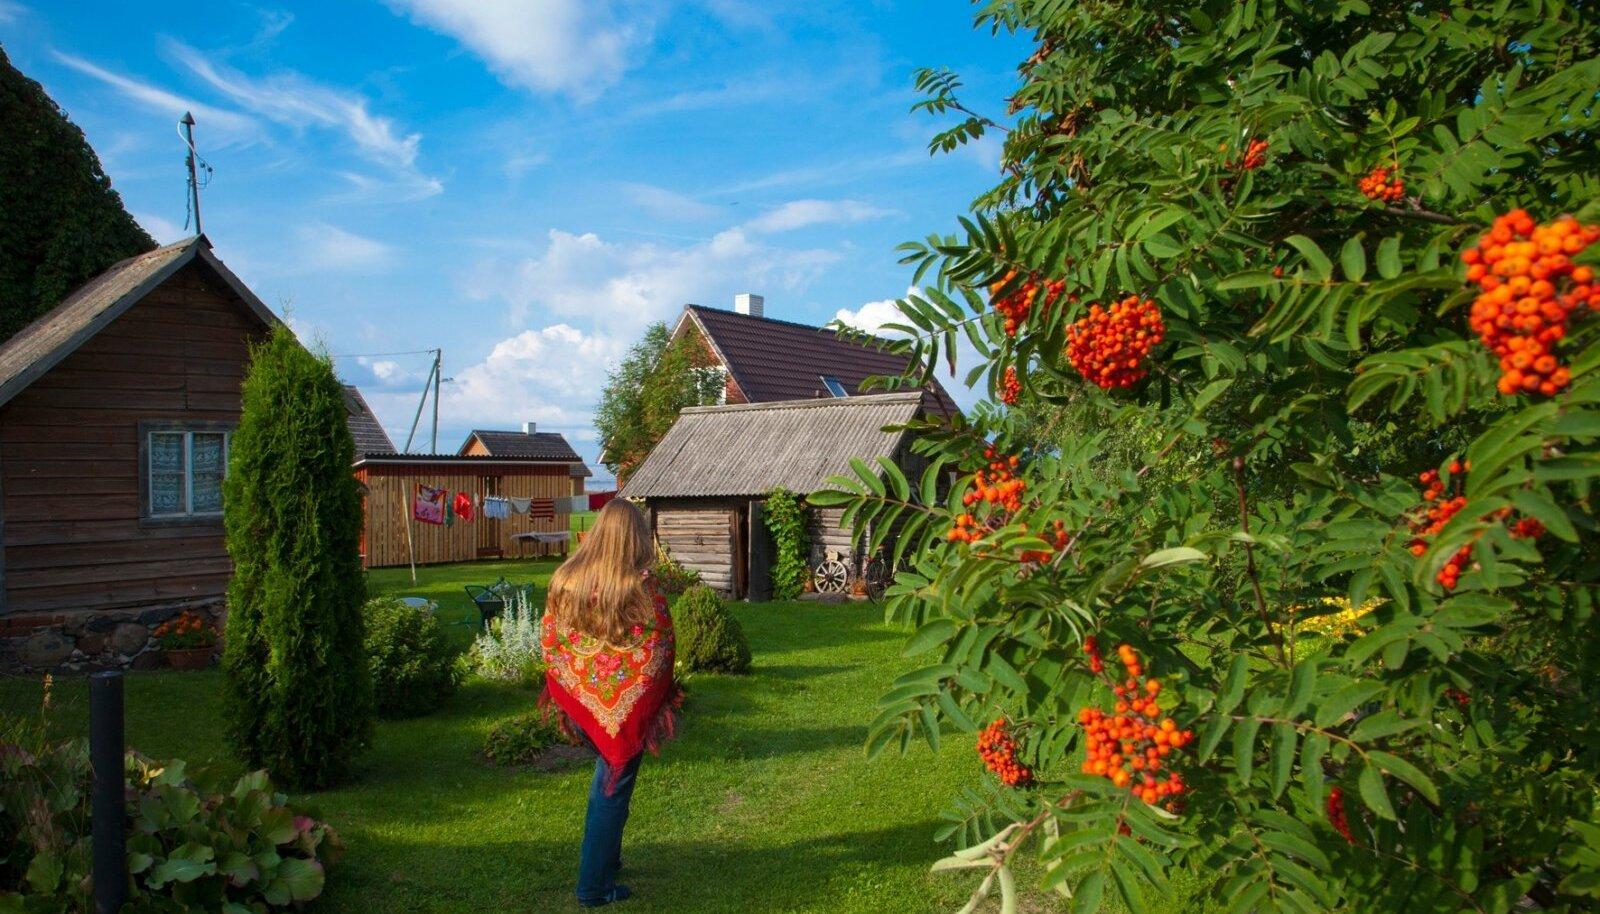 """Pildil punav pihlakas on praegugi marju täis. Üks erinevus oleks praegusel ja toonasel fotol siiski: """"Varsti pärast pildistamist sai puukuur rõõmsad Torma kihelkonna seeliku värvi triibud,"""" ütleb Tiina."""